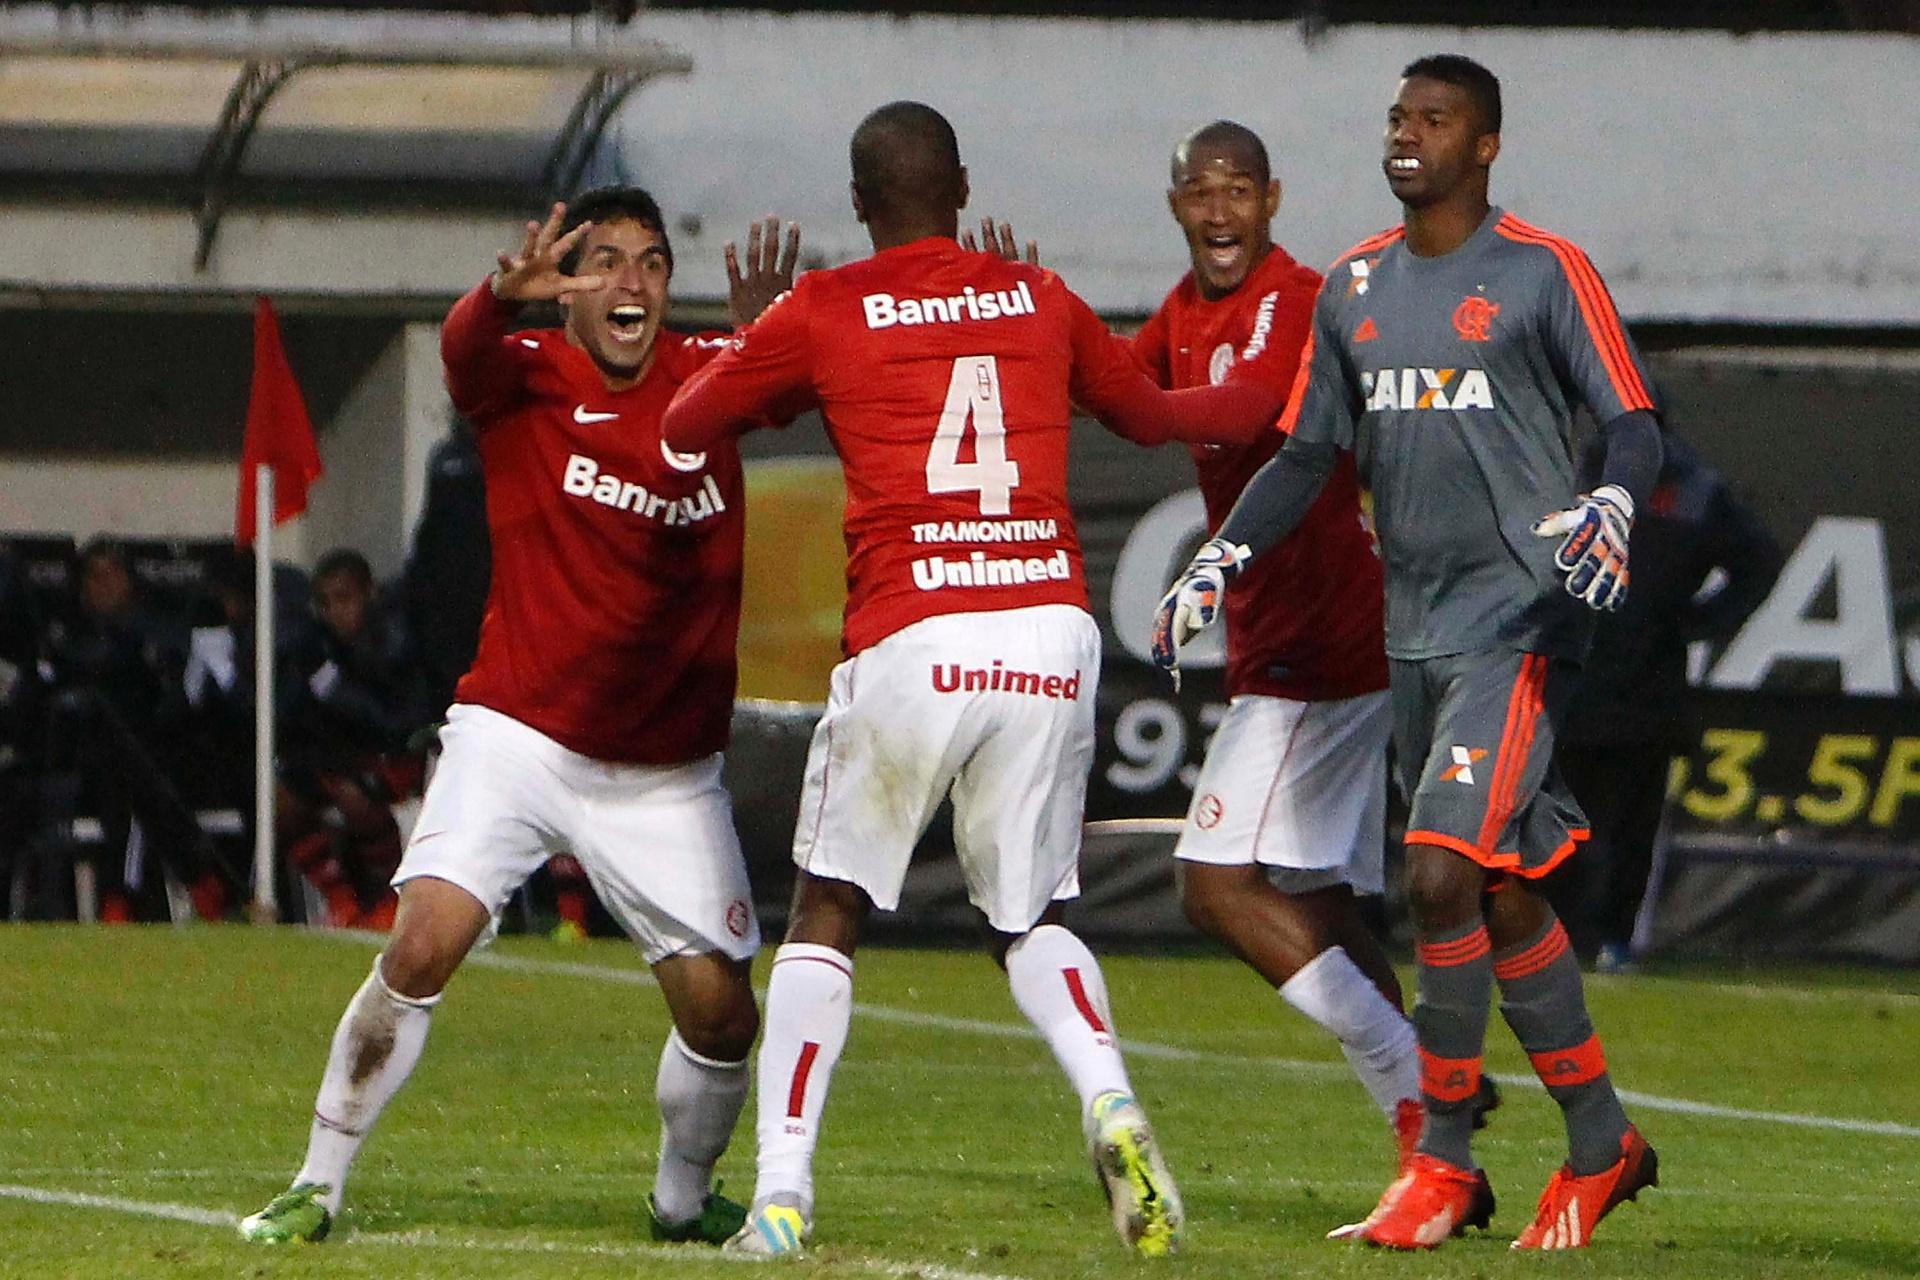 21.07.13 - Juan pede calma aos companheiros para não comemorar gol contra seu ex-clube. Gol nos acréscimos deu a vitória do Inter sobre o Flamengo